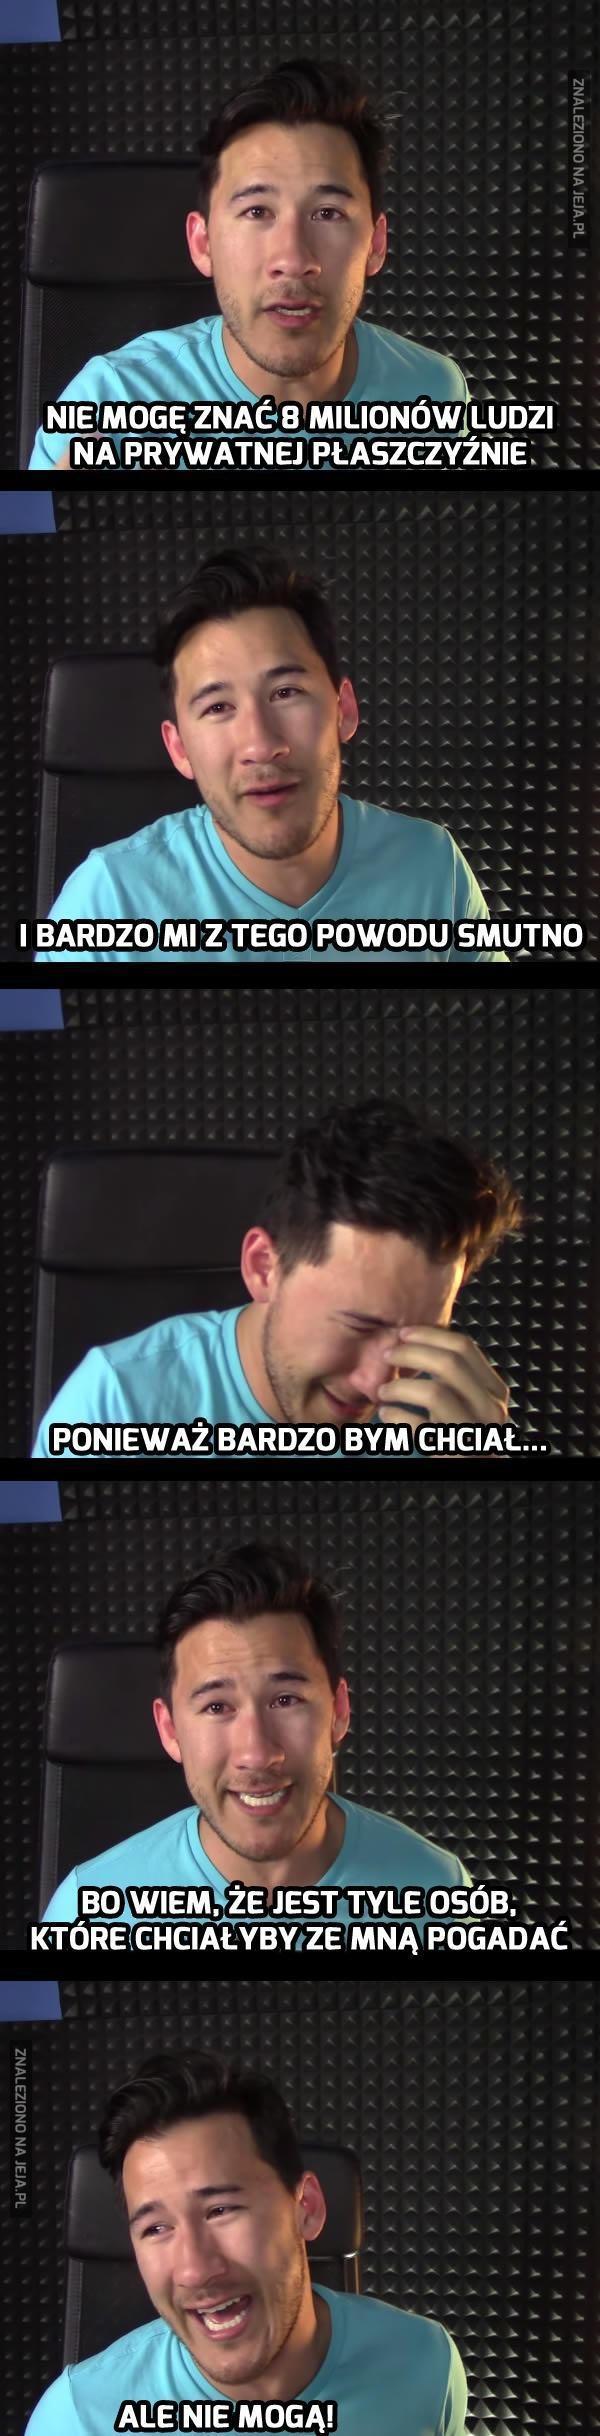 Problemy sławnych youtuberów